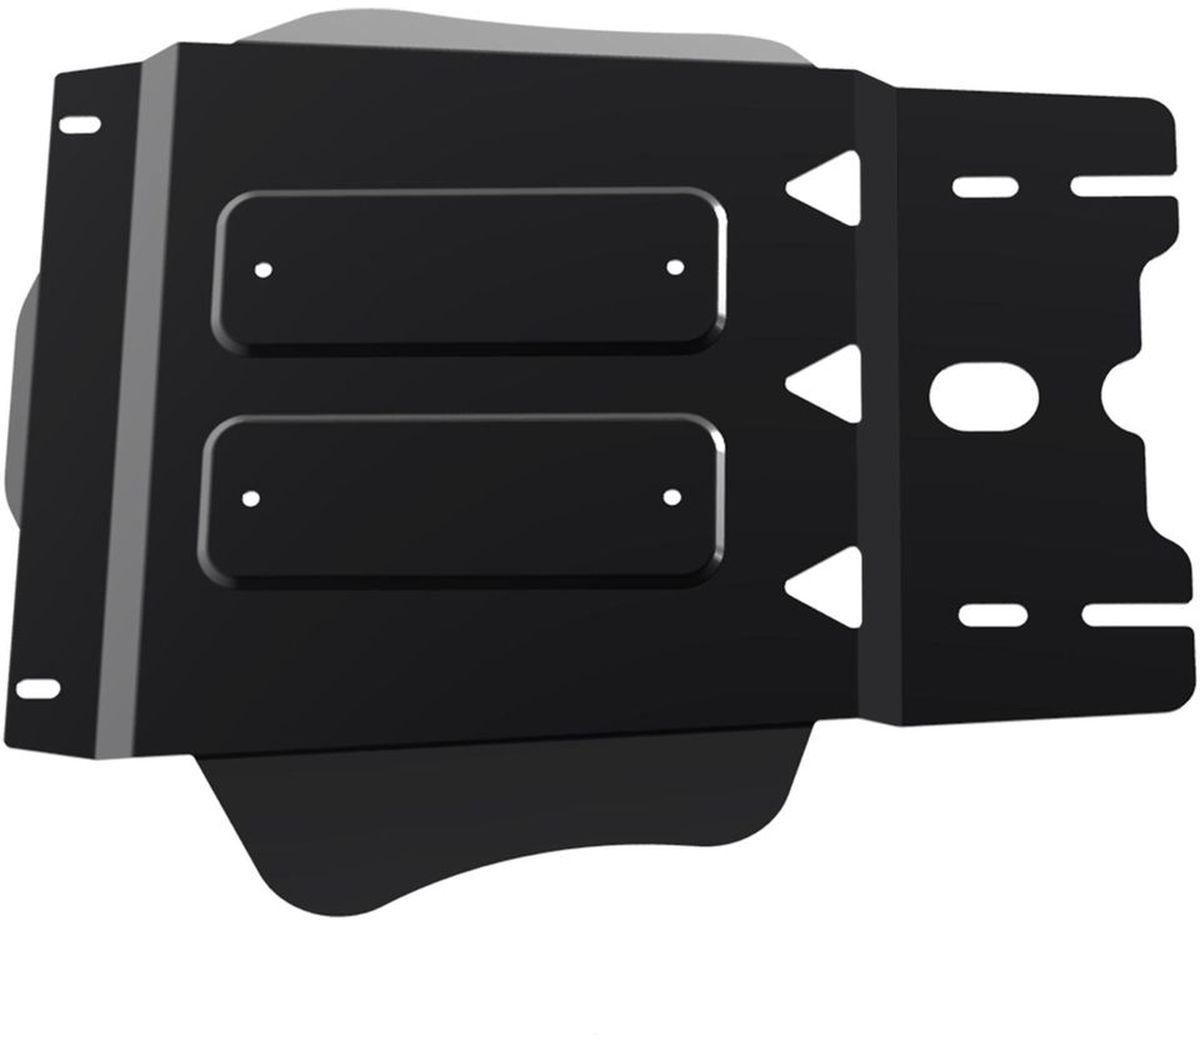 Защита КПП Автоброня Nissan NP 300 2008-2015, сталь 2 мм111.04126.1Защита КПП Автоброня Nissan NP 300, V - 2,5TD 2008-2015, сталь 2 мм, комплект крепежа, 111.04126.1Дополнительно можно приобрести другие защитные элементы из комплекта: защита картера - 111.04125.1, защита РК - 111.04127.1Стальные защиты Автоброня надежно защищают ваш автомобиль от повреждений при наезде на бордюры, выступающие канализационные люки, кромки поврежденного асфальта или при ремонте дорог, не говоря уже о загородных дорогах.- Имеют оптимальное соотношение цена-качество.- Спроектированы с учетом особенностей автомобиля, что делает установку удобной.- Защита устанавливается в штатные места кузова автомобиля.- Является надежной защитой для важных элементов на протяжении долгих лет.- Глубокий штамп дополнительно усиливает конструкцию защиты.- Подштамповка в местах крепления защищает крепеж от срезания.- Технологические отверстия там, где они необходимы для смены масла и слива воды, оборудованные заглушками, закрепленными на защите.Толщина стали 2 мм.В комплекте крепеж и инструкция по установке.Уважаемые клиенты!Обращаем ваше внимание на тот факт, что защита имеет форму, соответствующую модели данного автомобиля. Наличие глубокого штампа и лючков для смены фильтров/масла предусмотрено не на всех защитах. Фото служит для визуального восприятия товара.